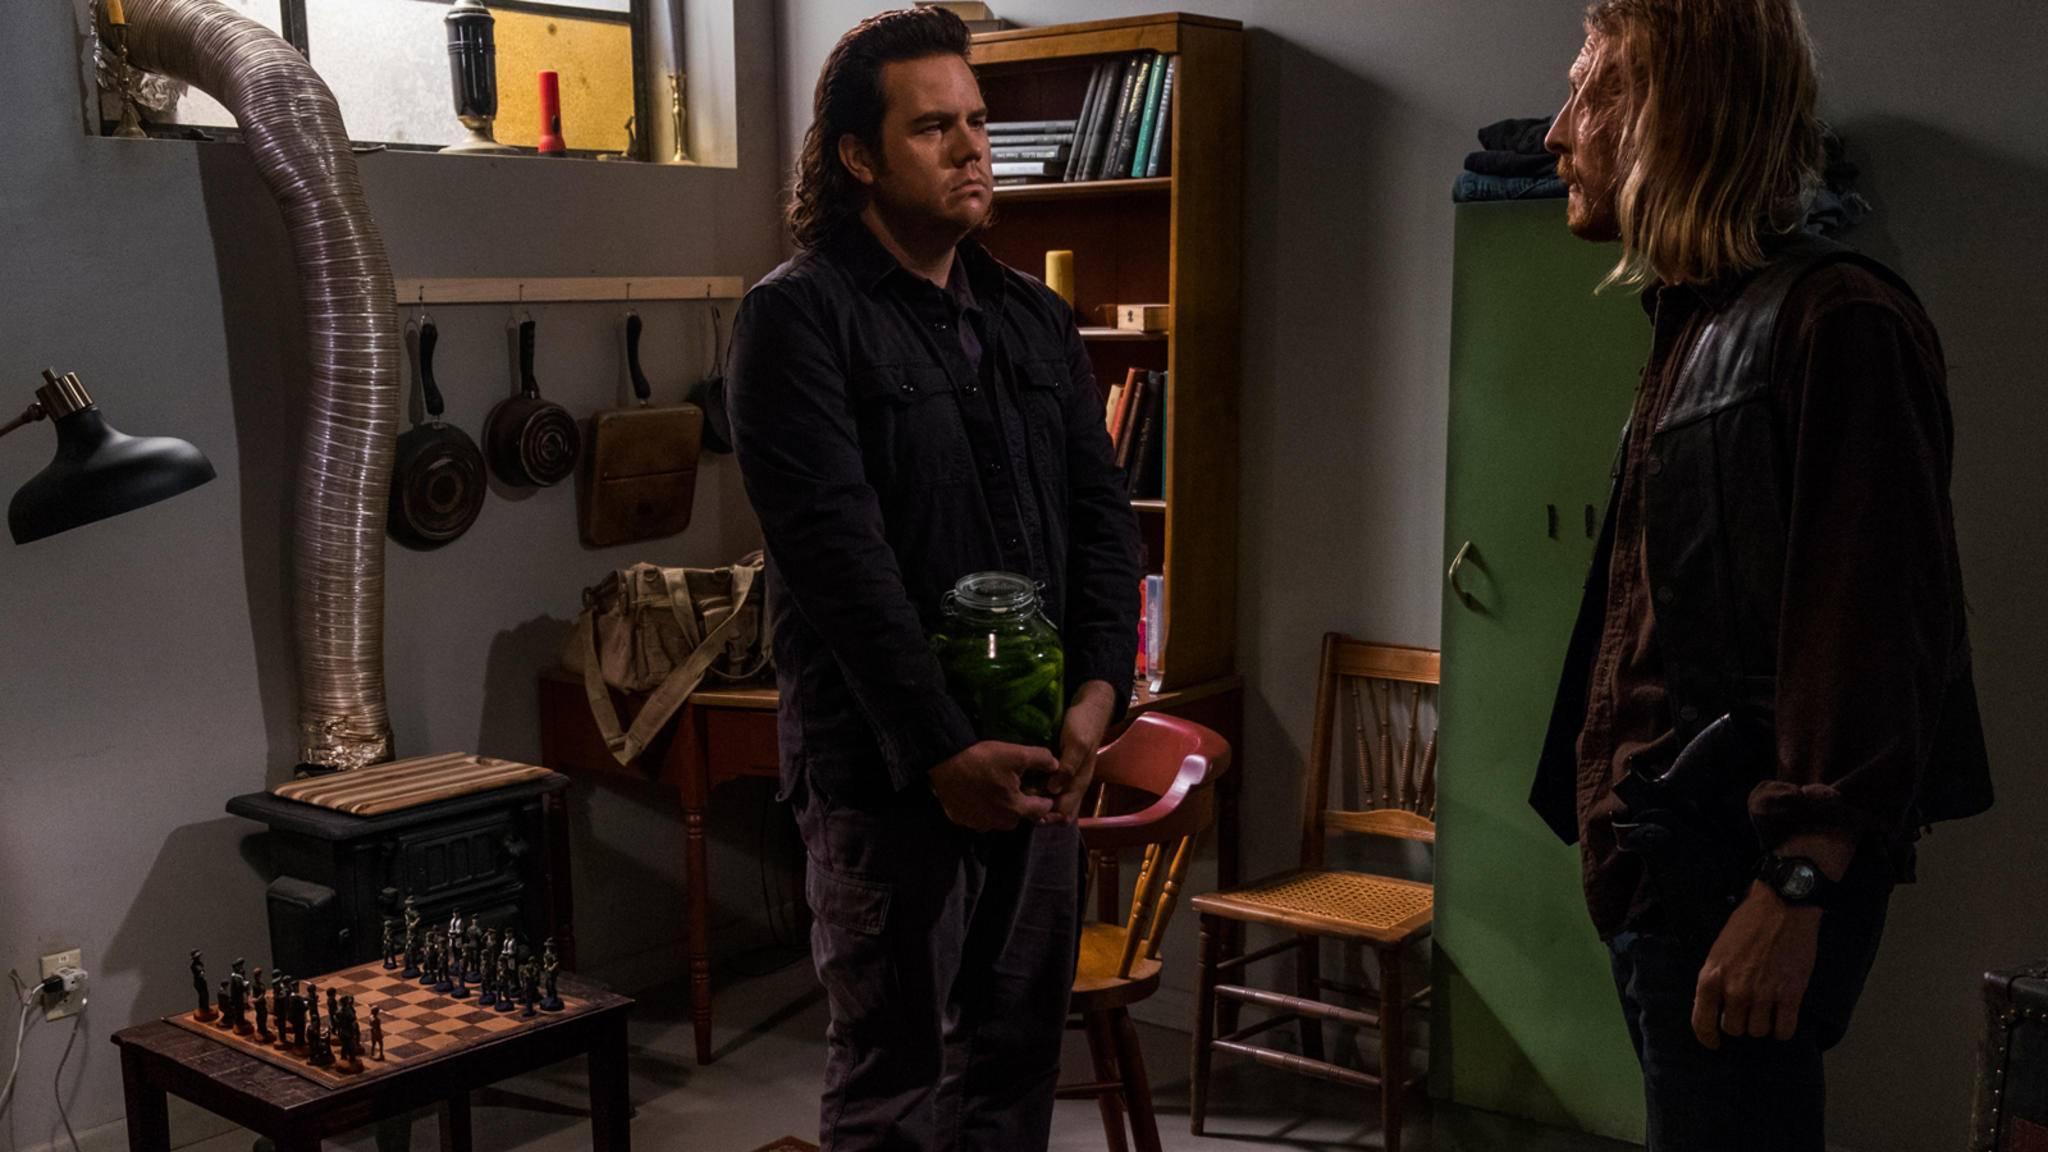 Eugene versucht auf seine unbeholfene Art, eine neue Allianz zu schmieden.